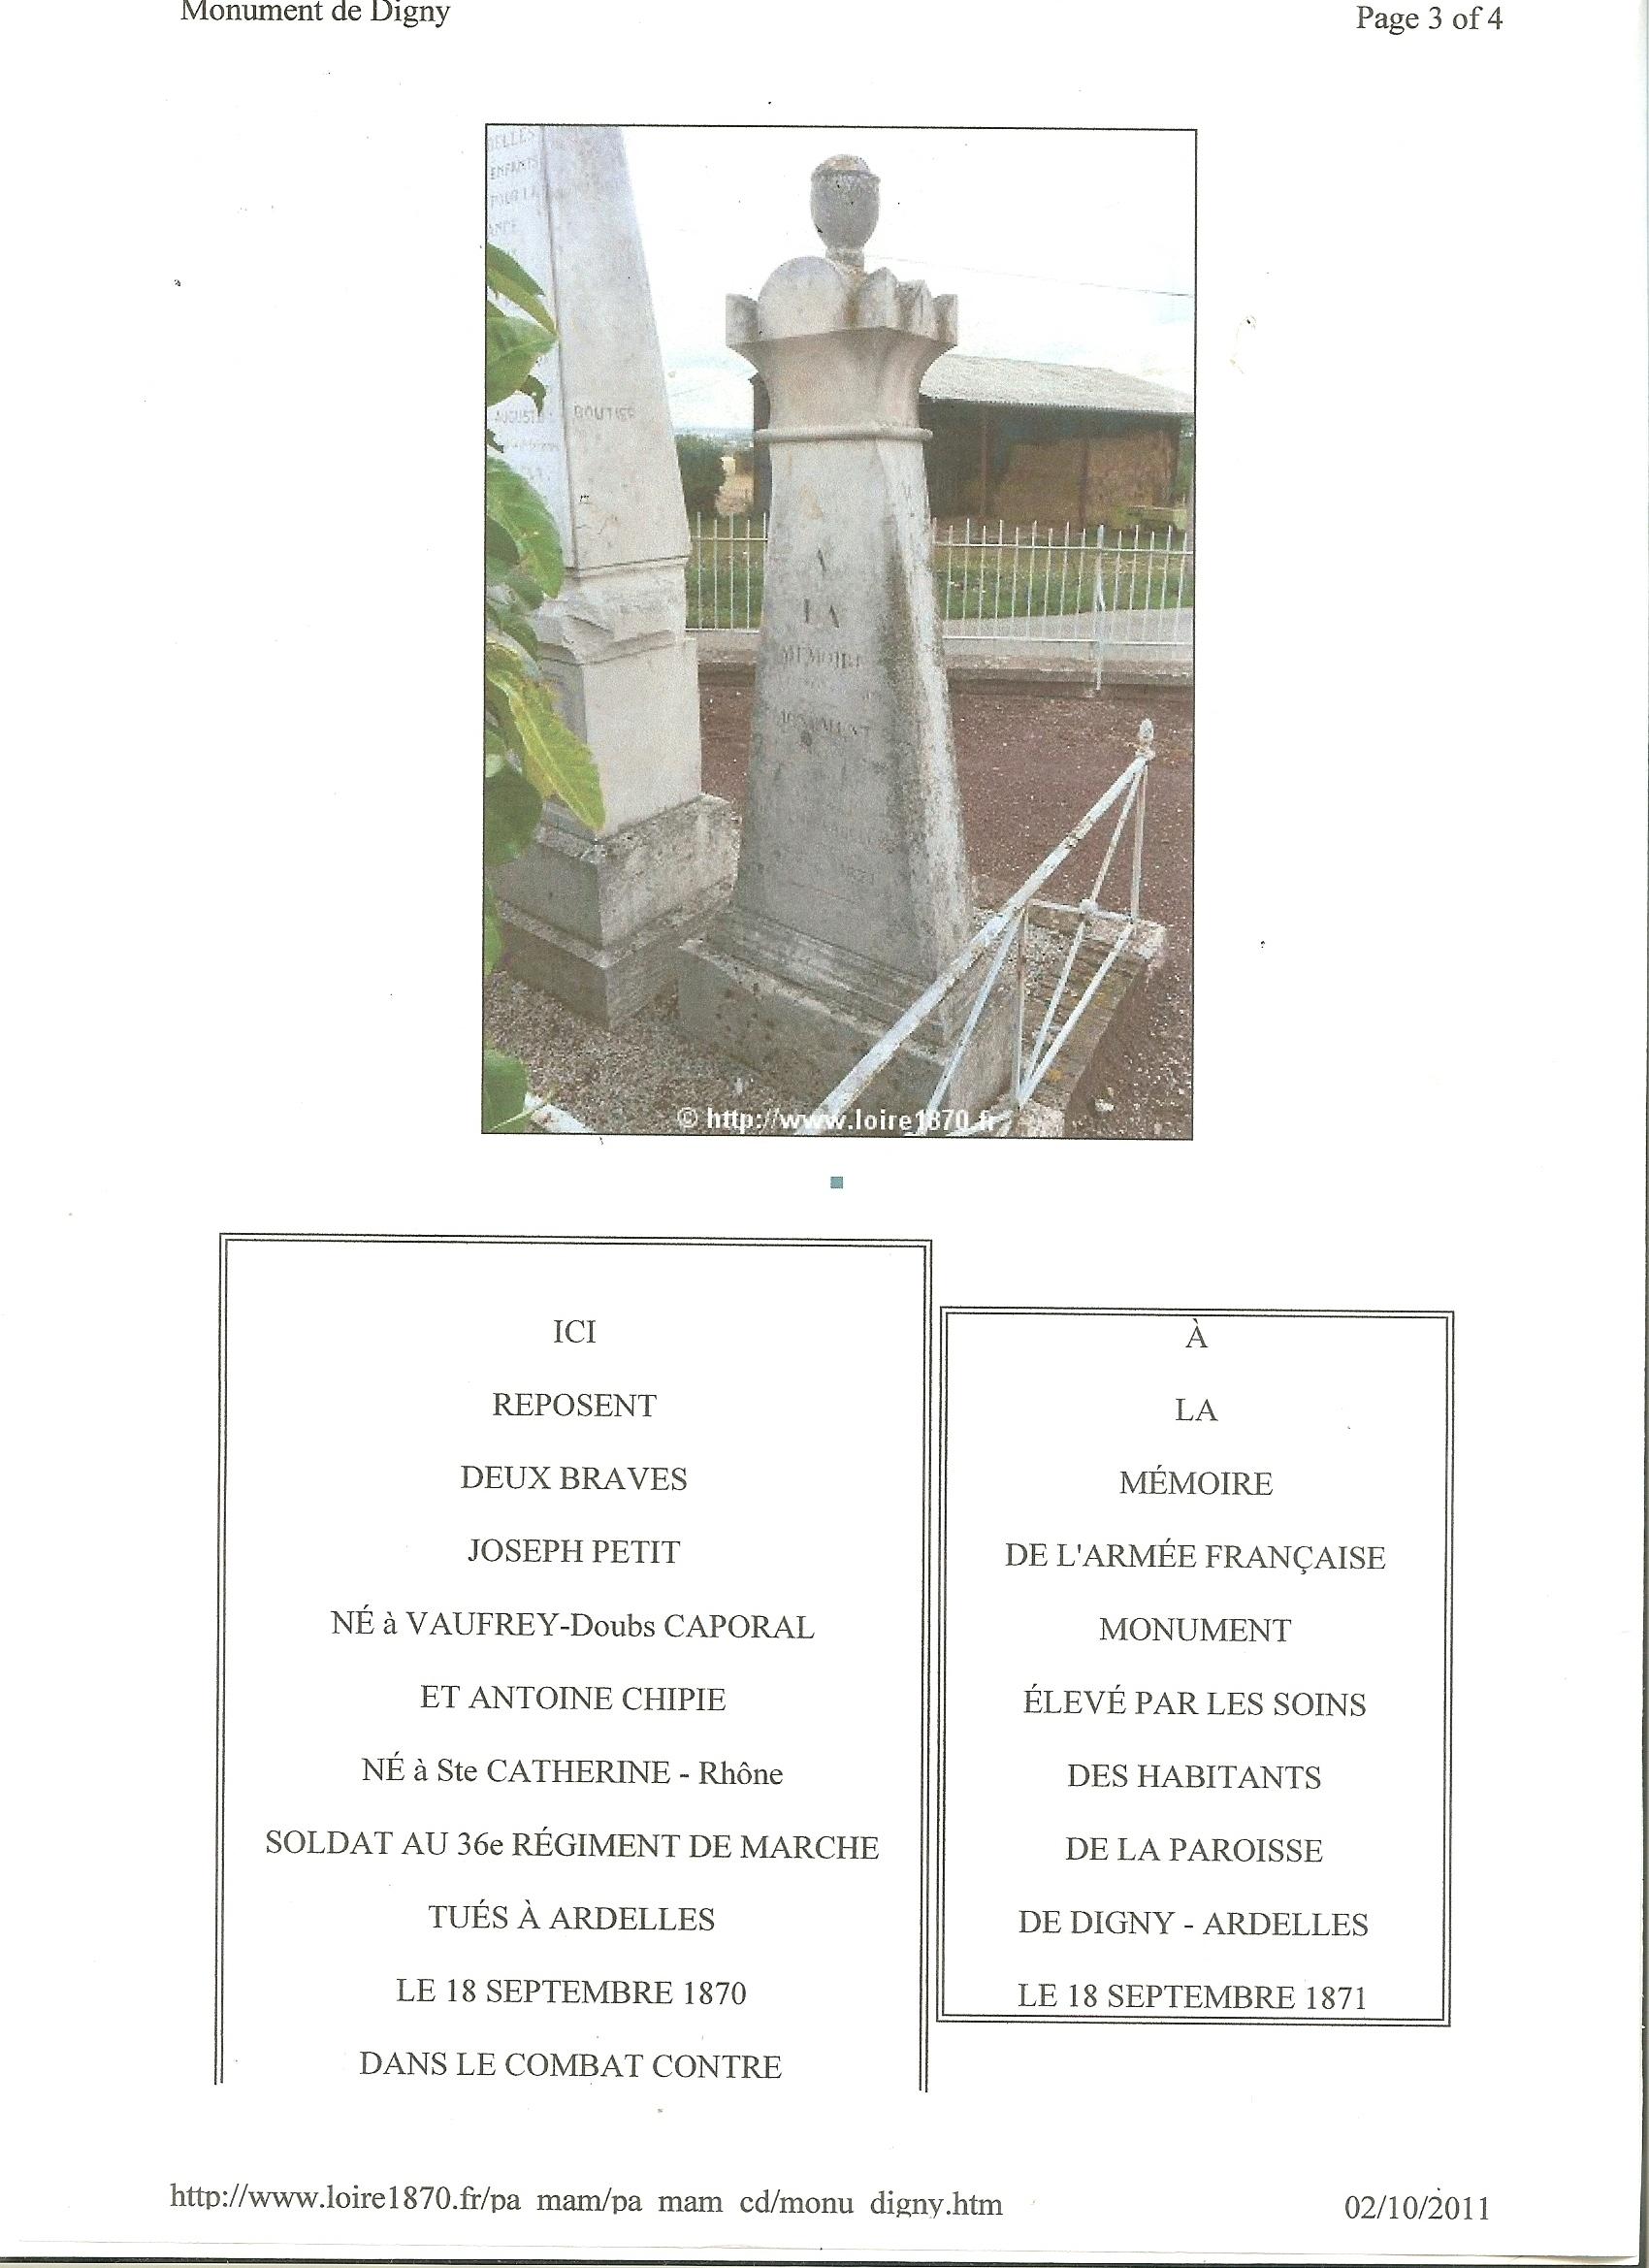 monument-erige-par-la-paroisse-digny-ardelles